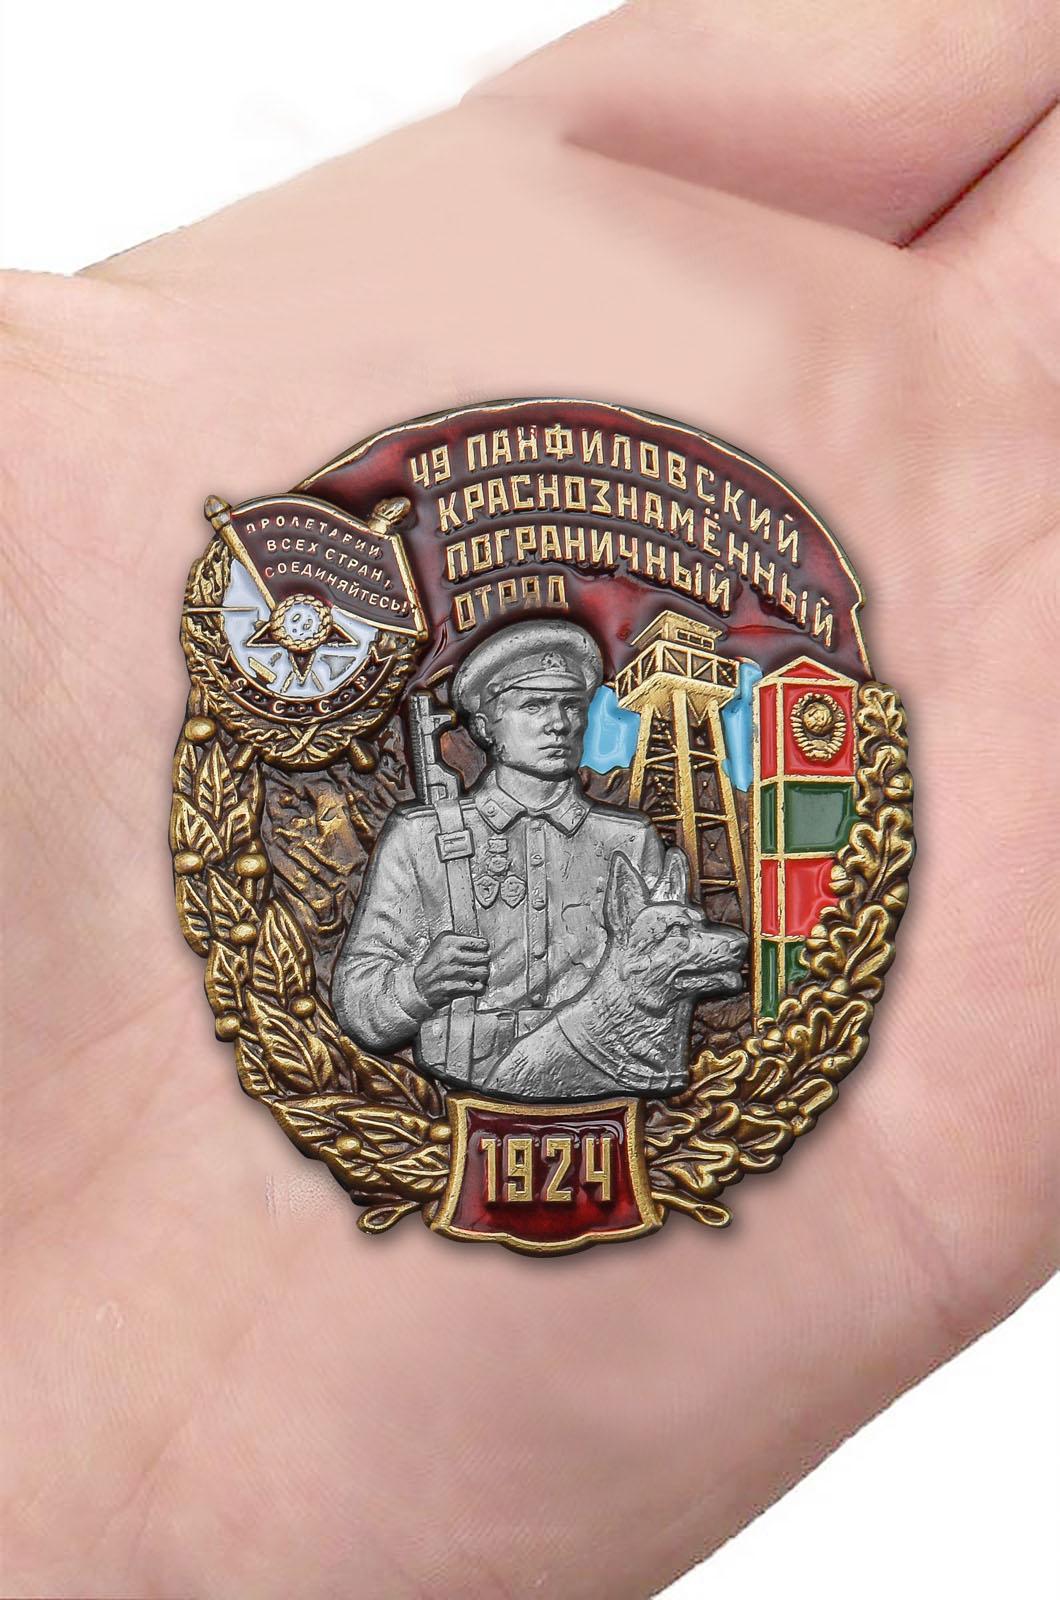 Заказать знак 49 Панфиловский Краснознамённый Пограничный отряд